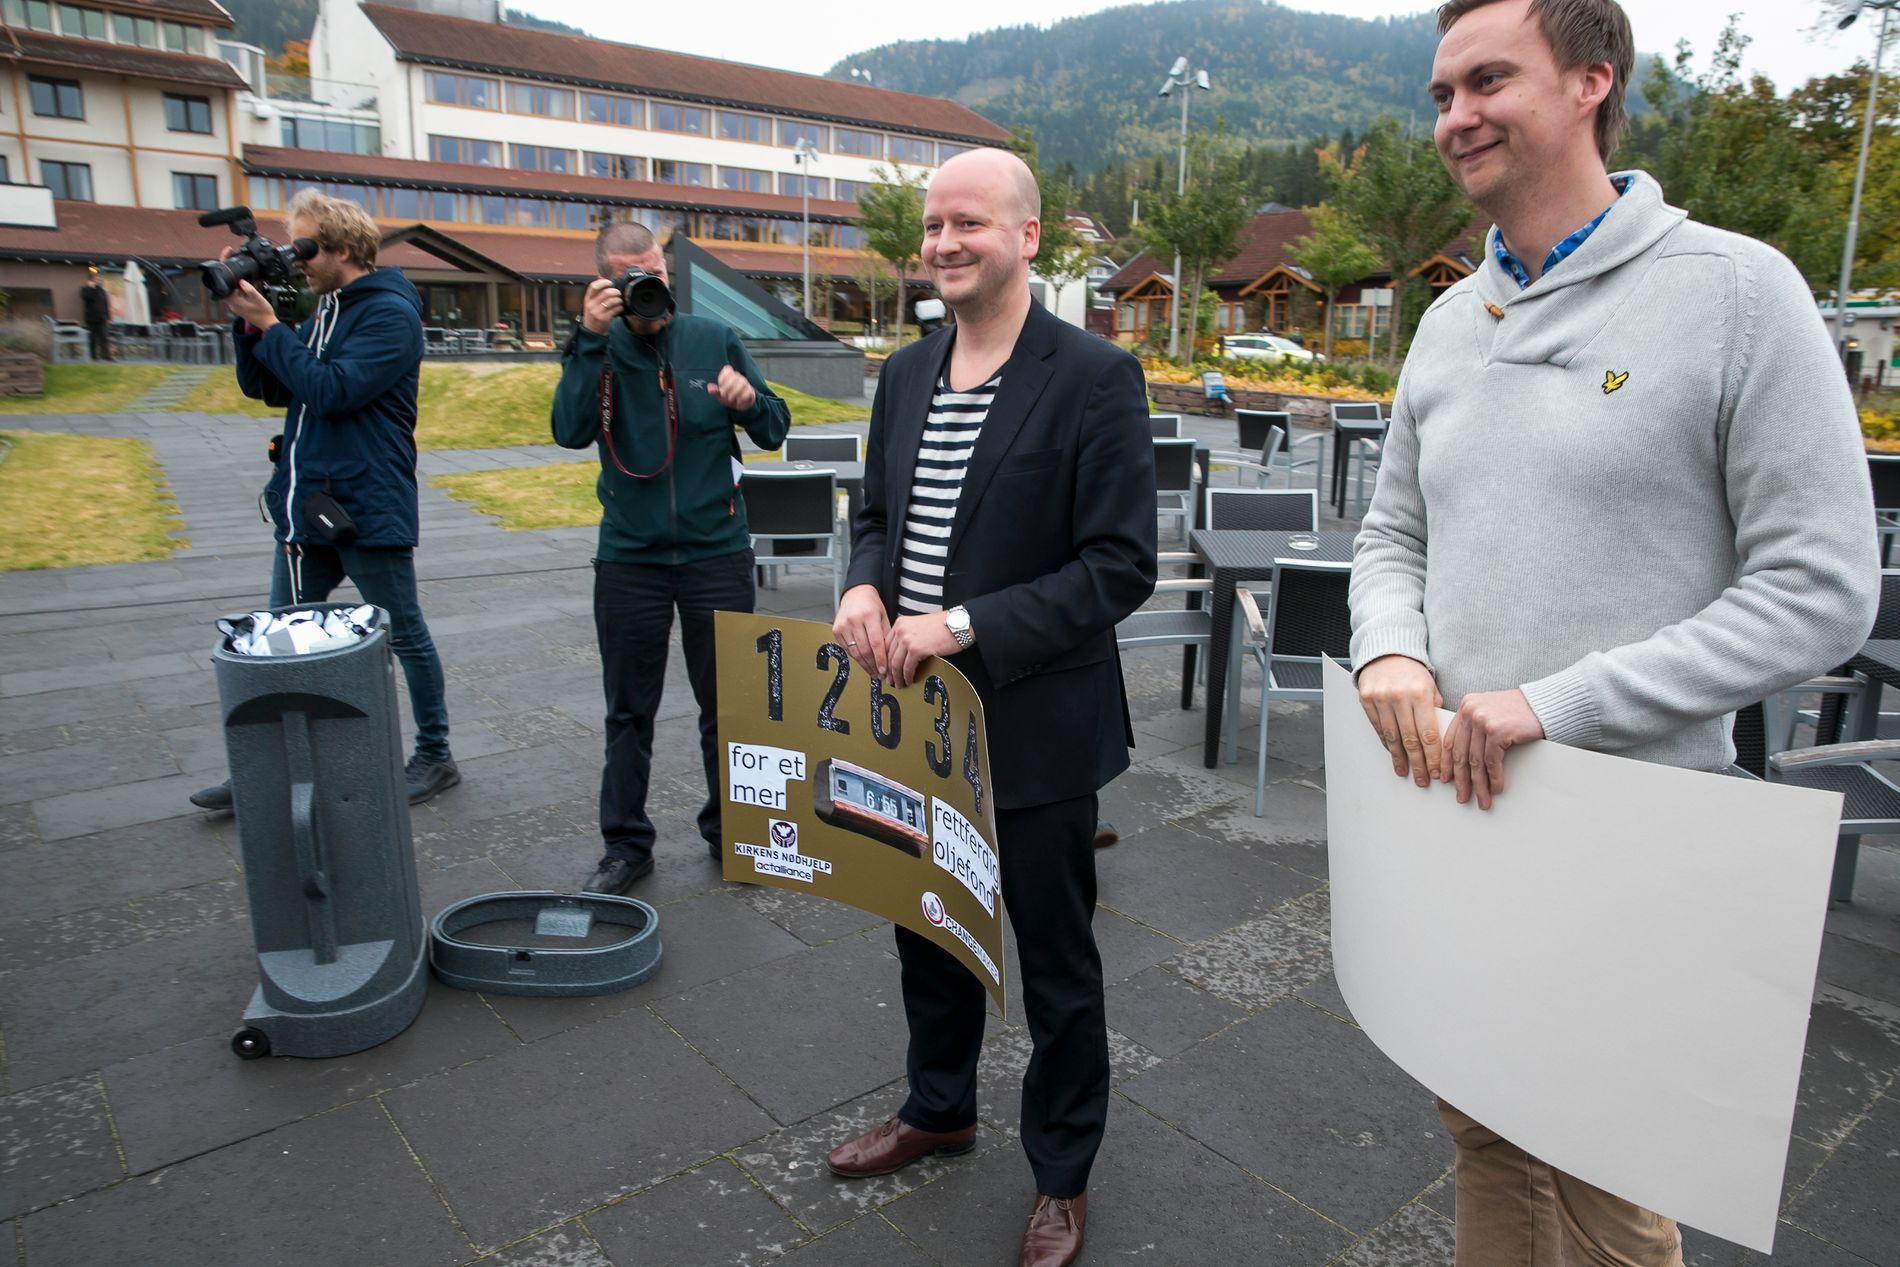 WARAS VENNER: Sigbjørn Aanes (til venstre) og Ole Berget stilte opp utenfor Sundvolden Hotell hvor regjeringen forhandlet i 2013.